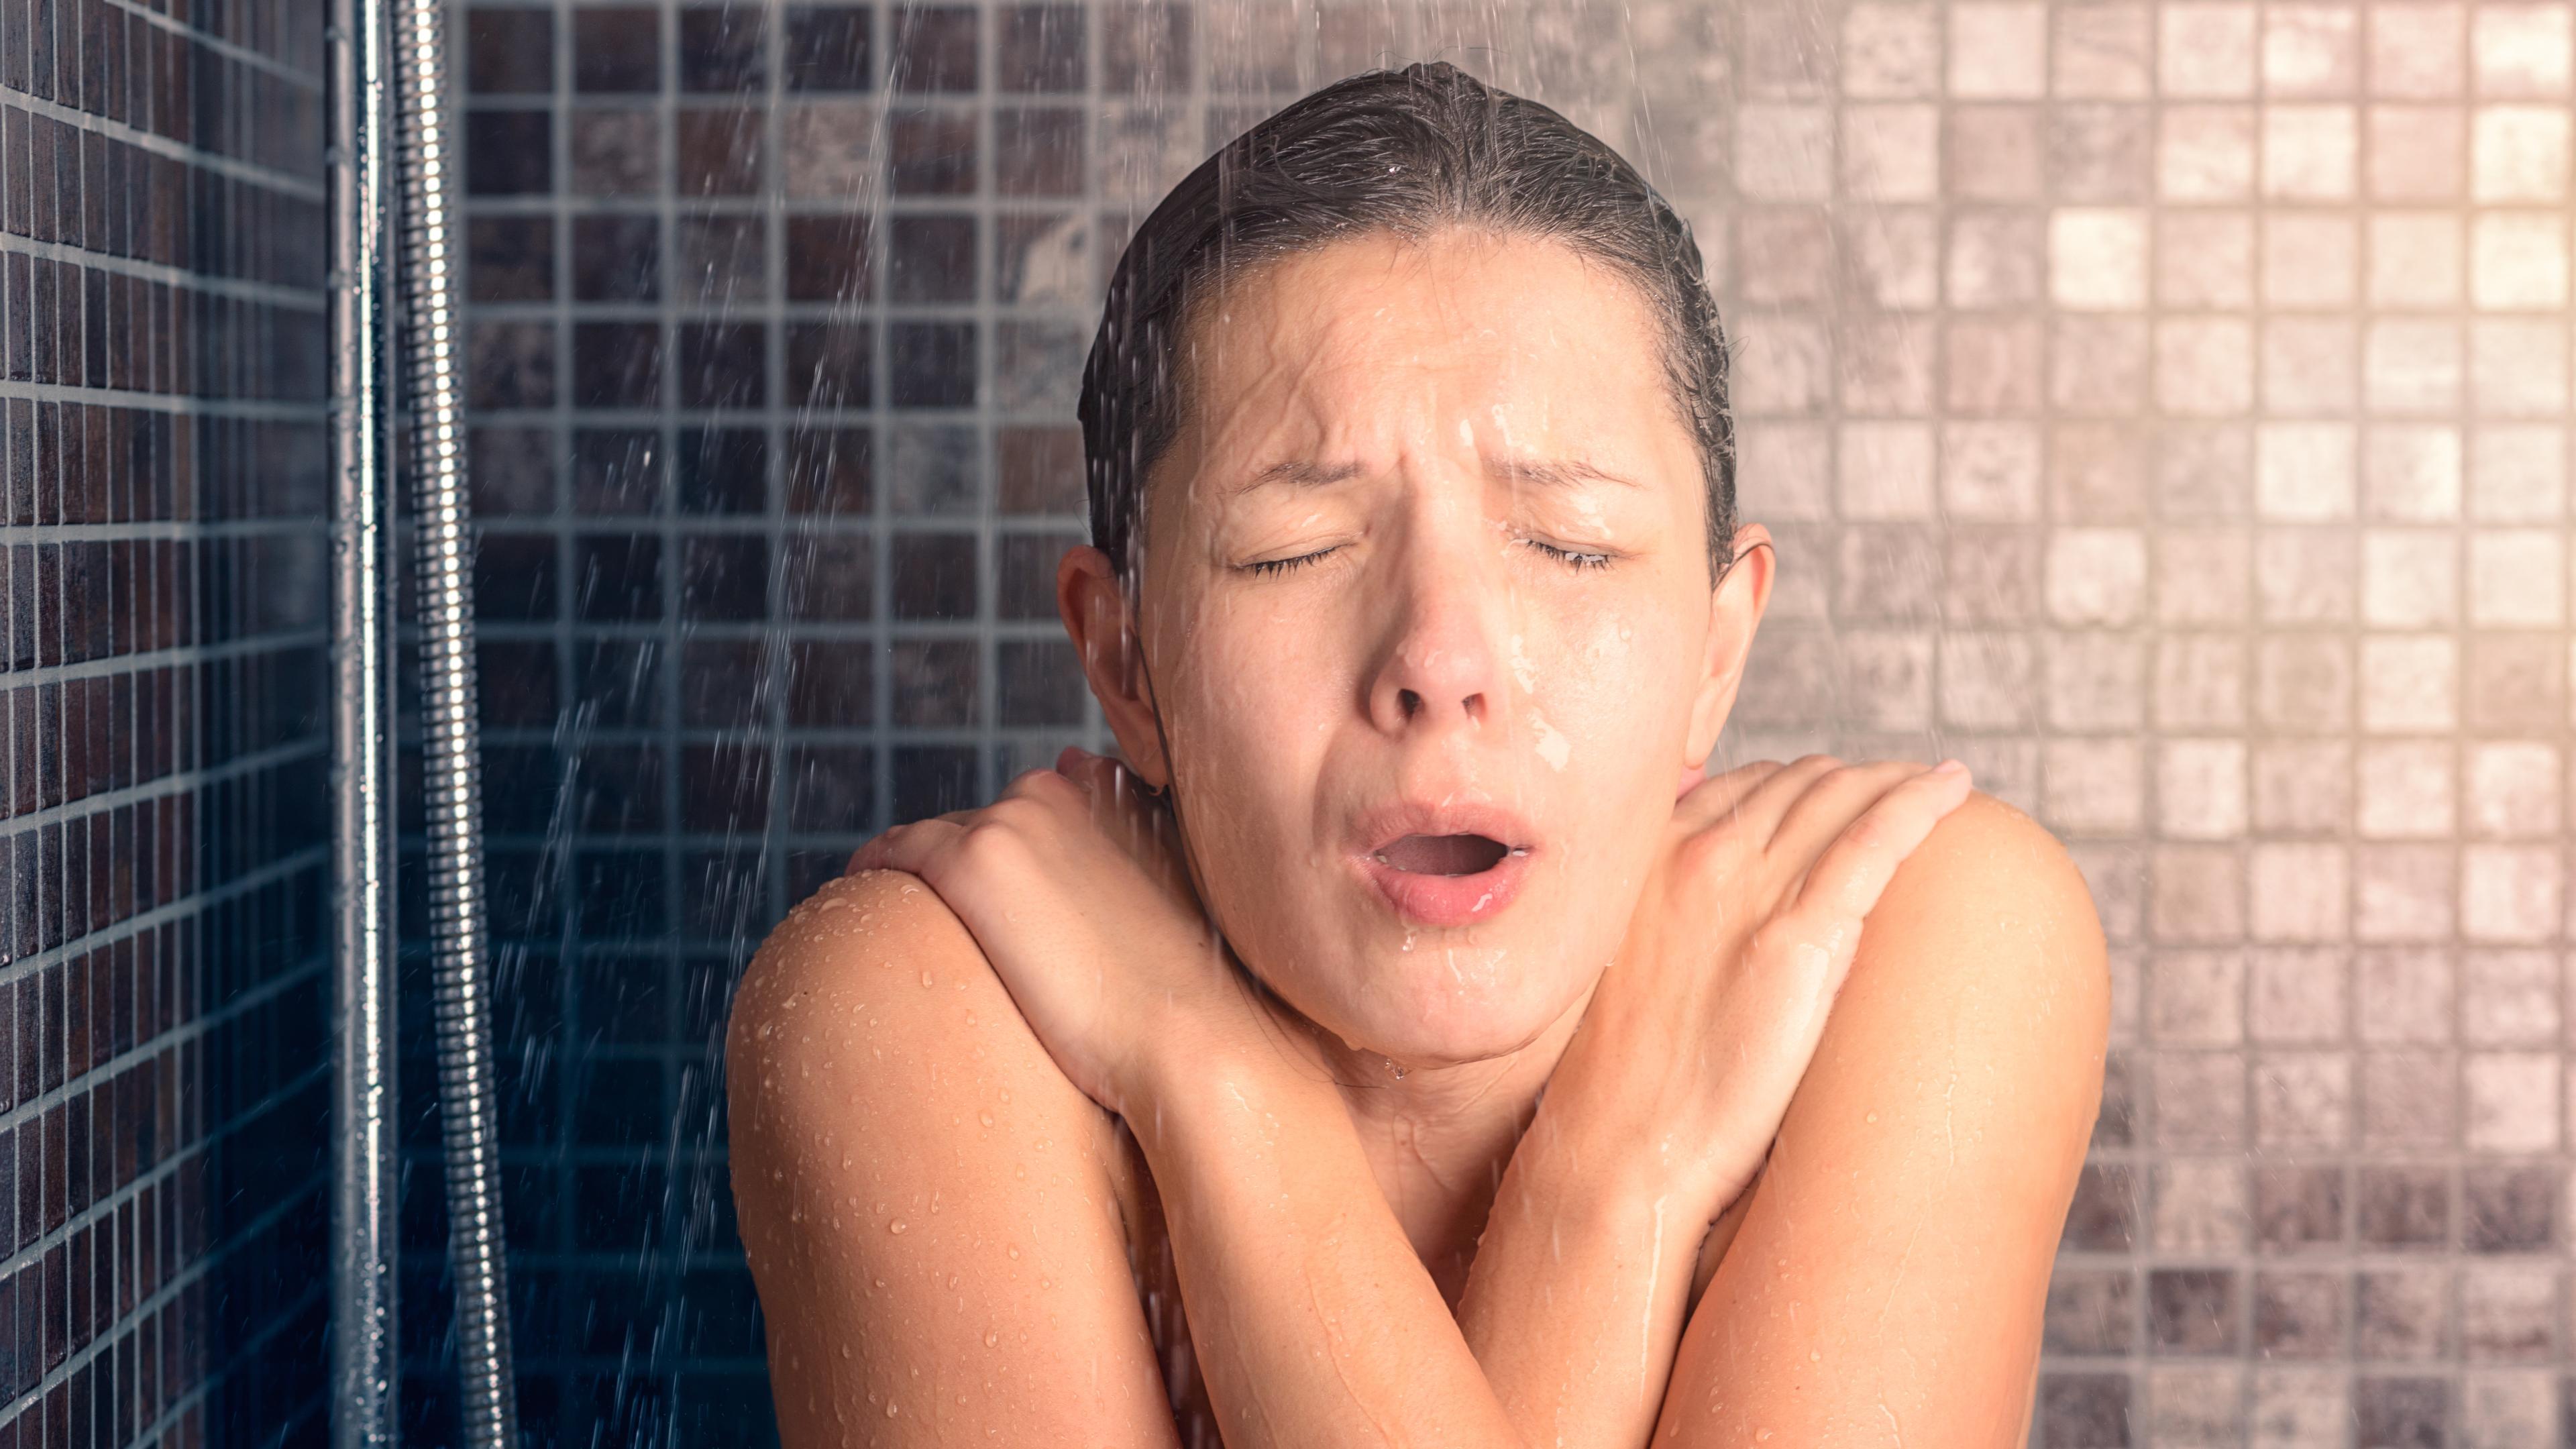 Уникальный случай аллергии на холод: мужчина принял горячий душ и чуть не умер